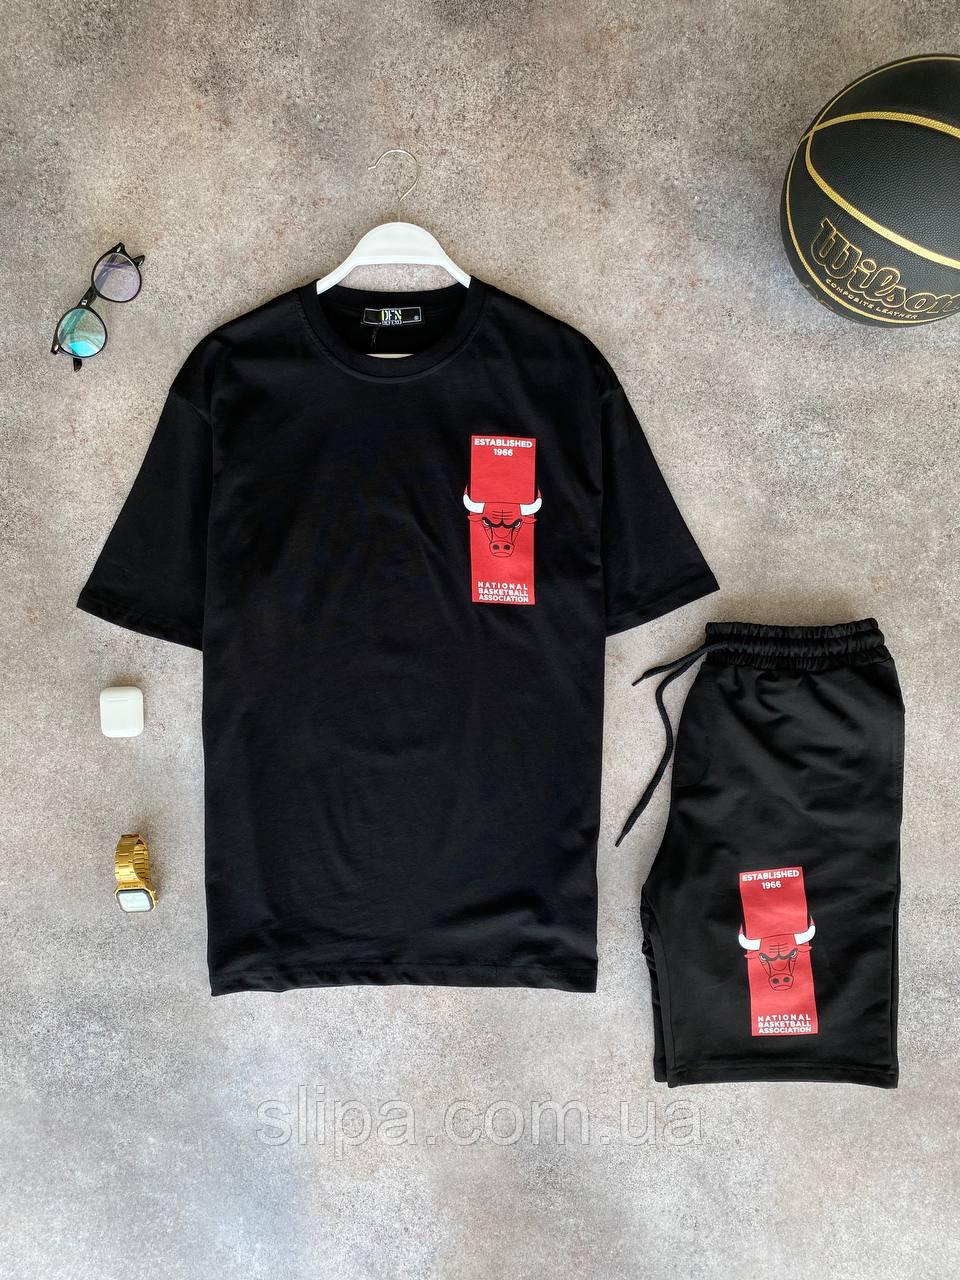 Чорний річний оверсайз комплект DFN Bulls NBA футболка + шорти | Туреччина | 100% бавовна